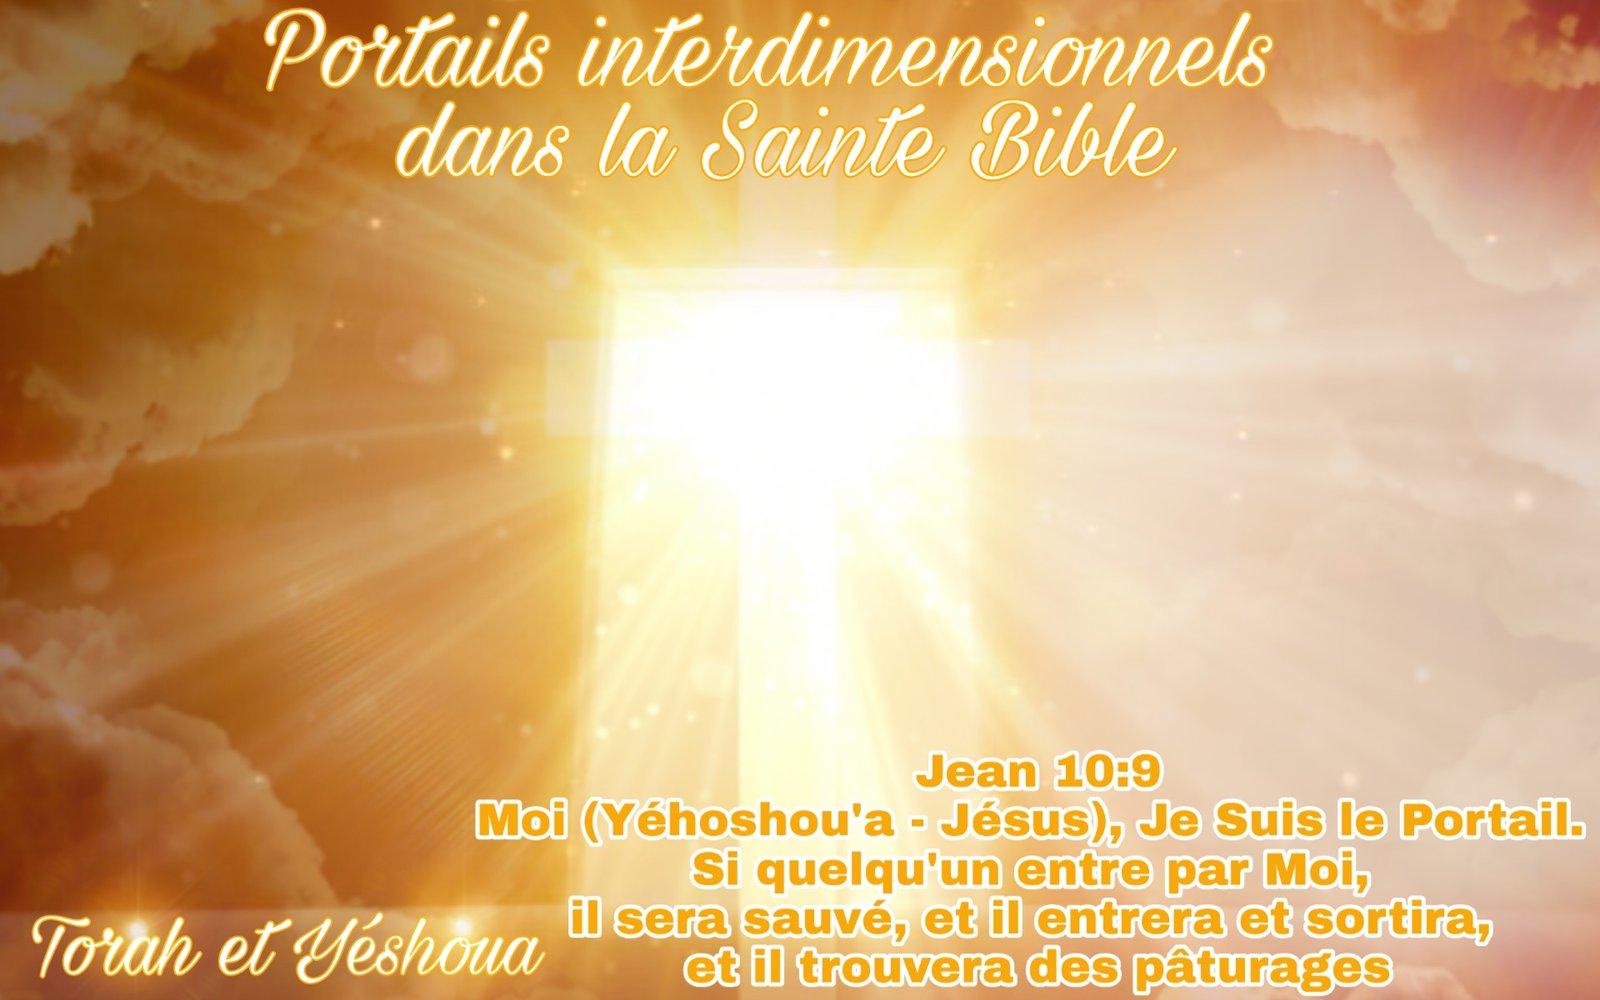 Portails interdimensionnels dans la Sainte Bible  200210093141635331